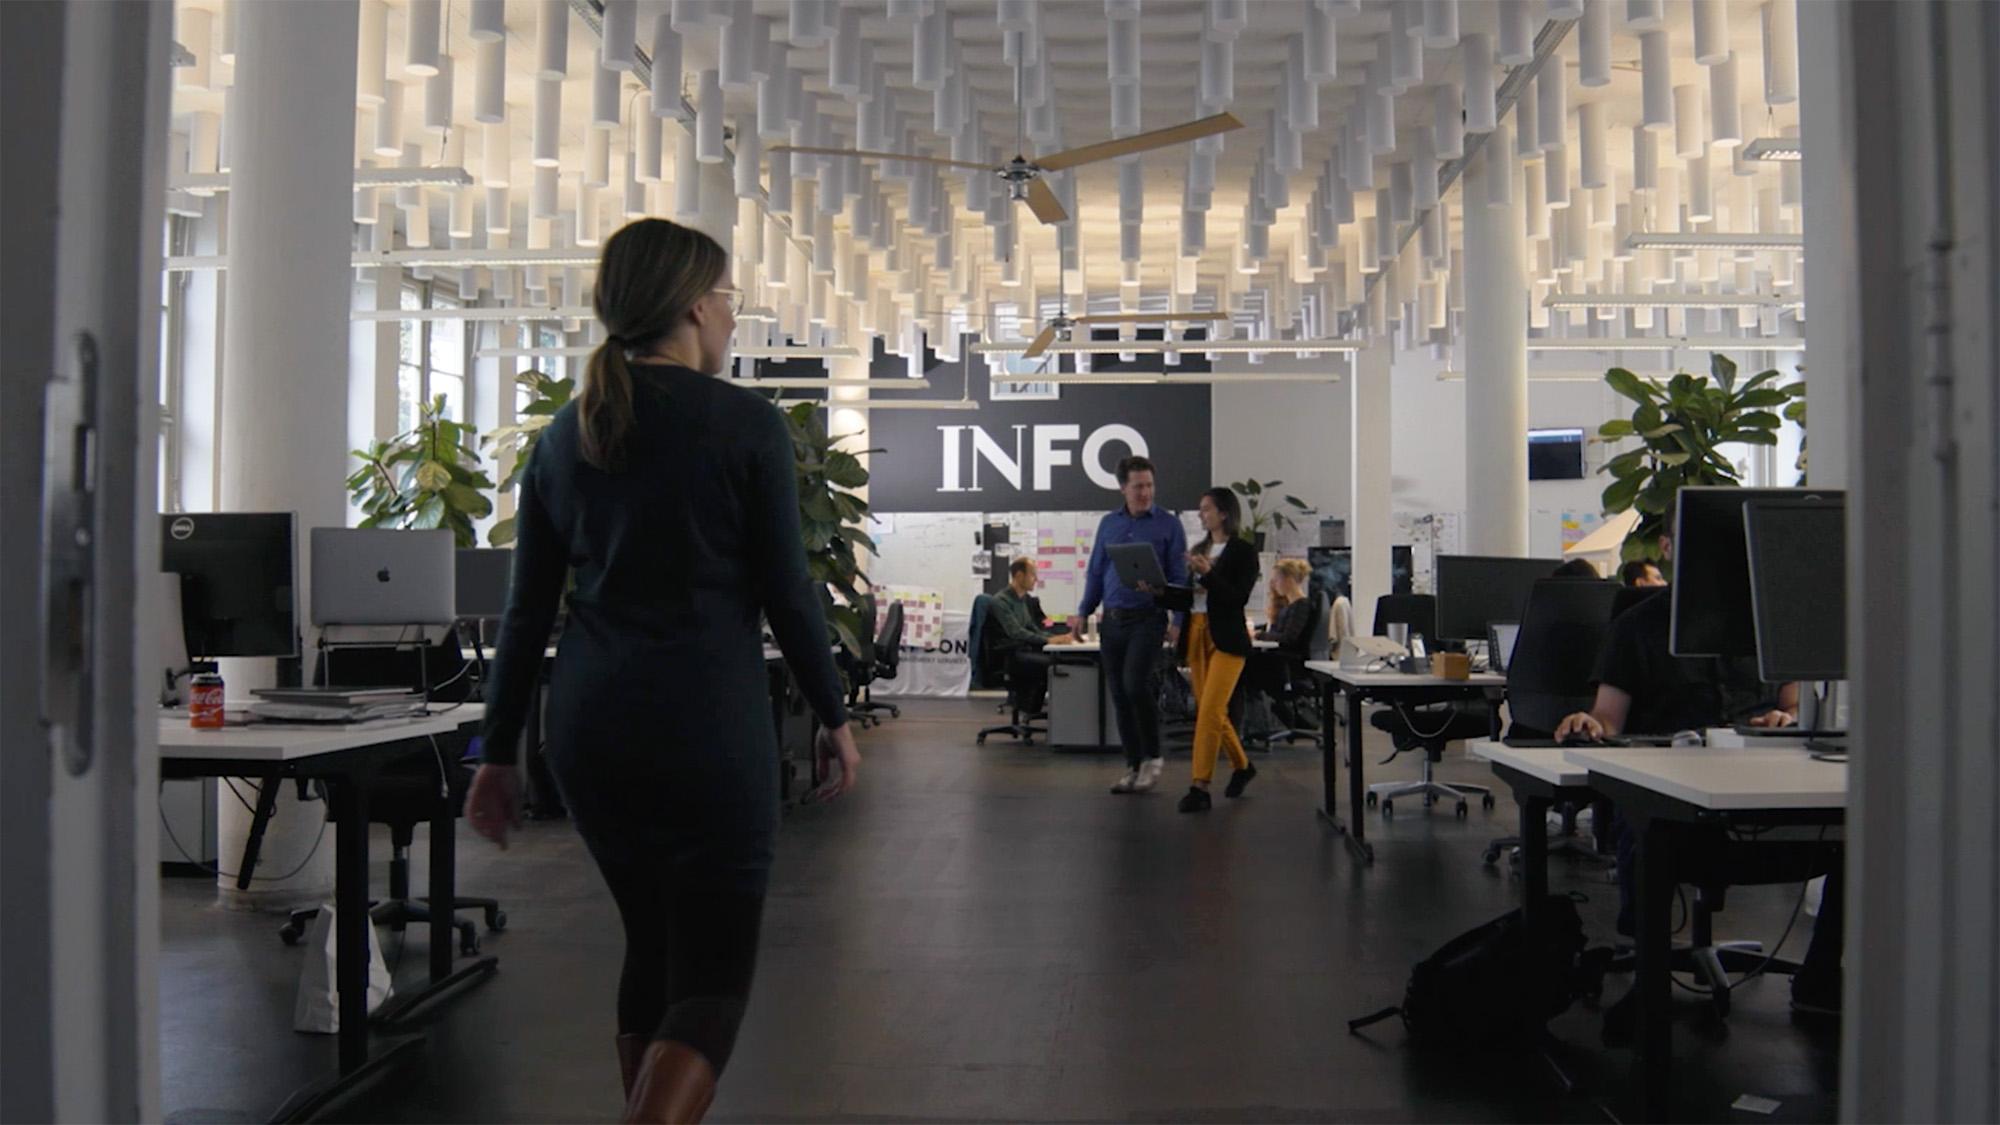 INFOStudio - INFO office